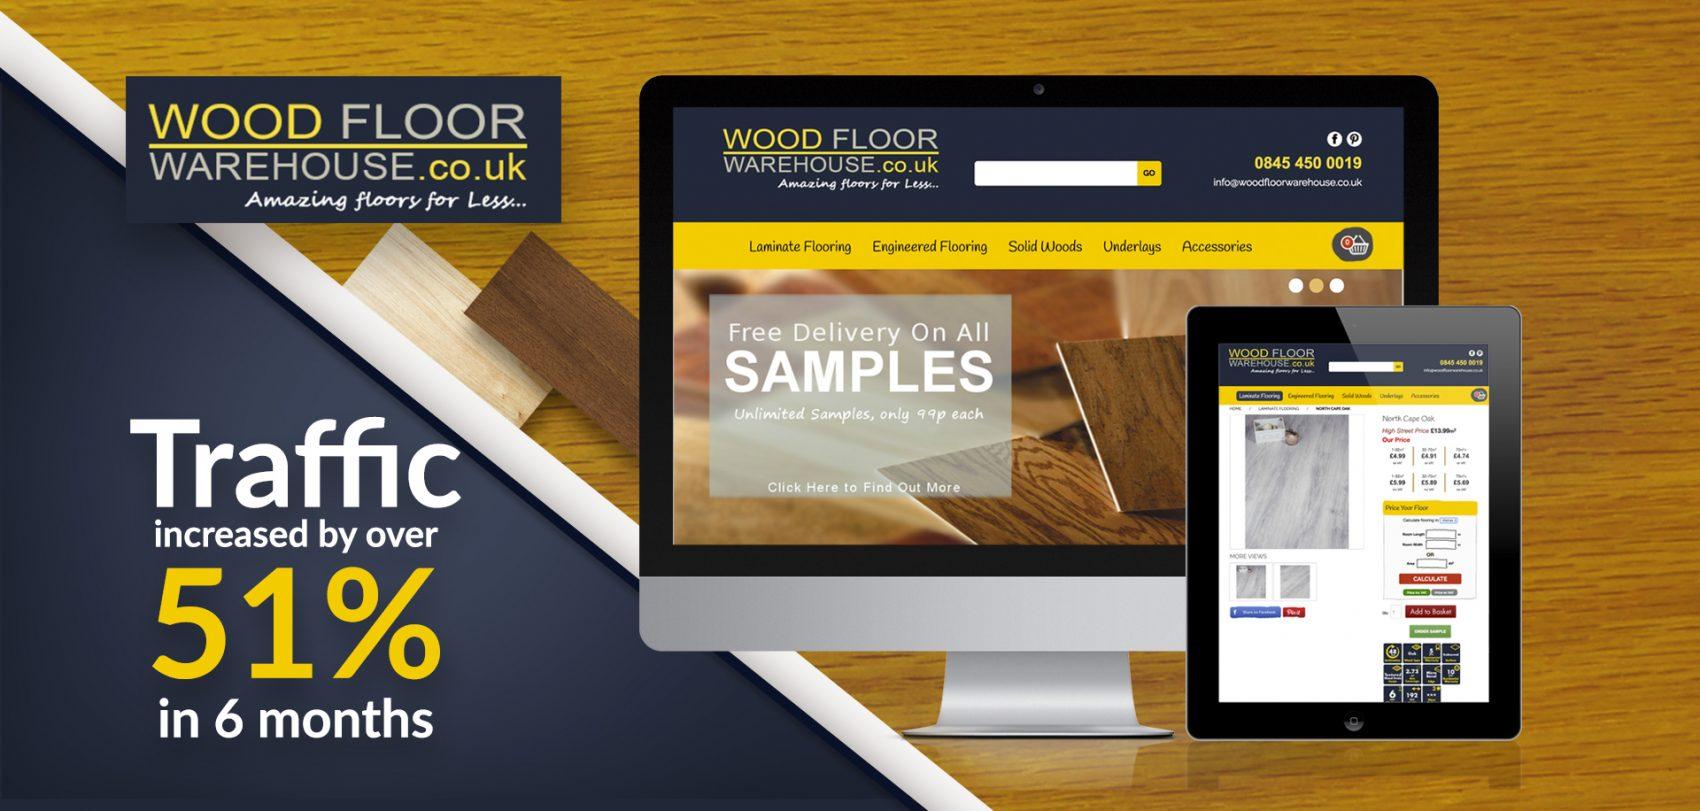 woodfloor warehouse seo company